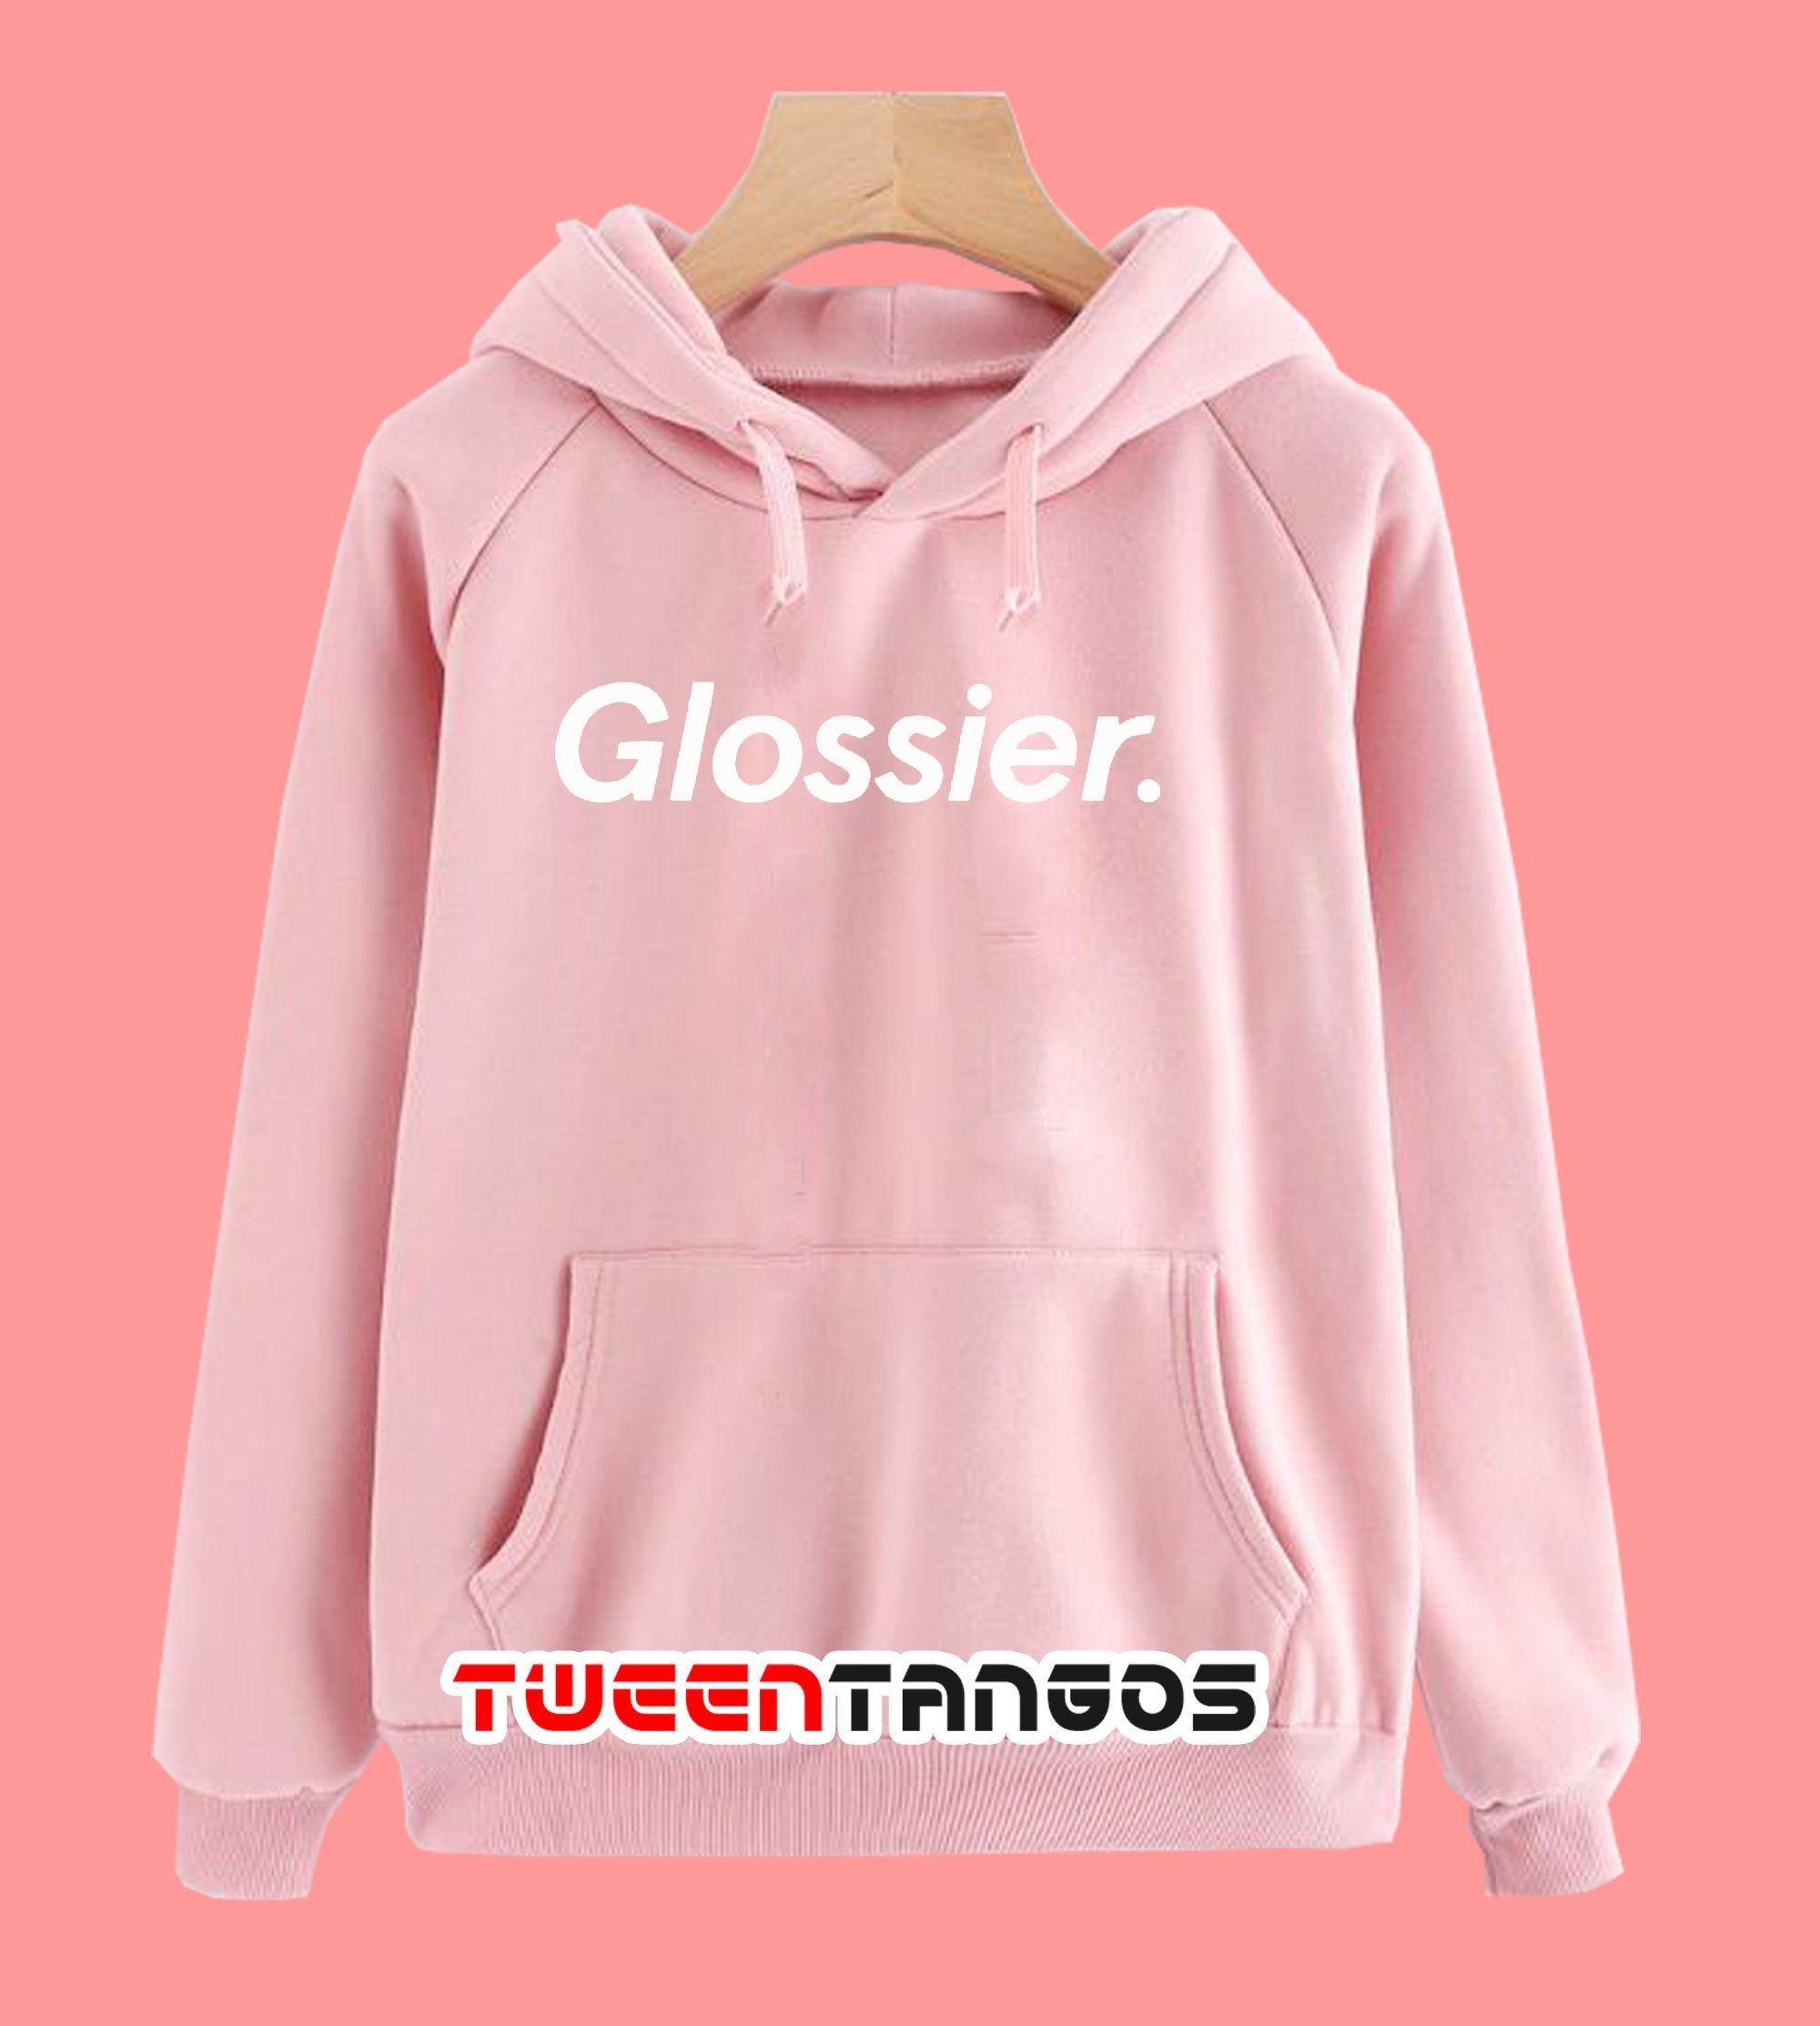 Timothee Chalamet Glossier Hoodie Hoodies Custom Hoodies Print Clothes [ 2226 x 2000 Pixel ]